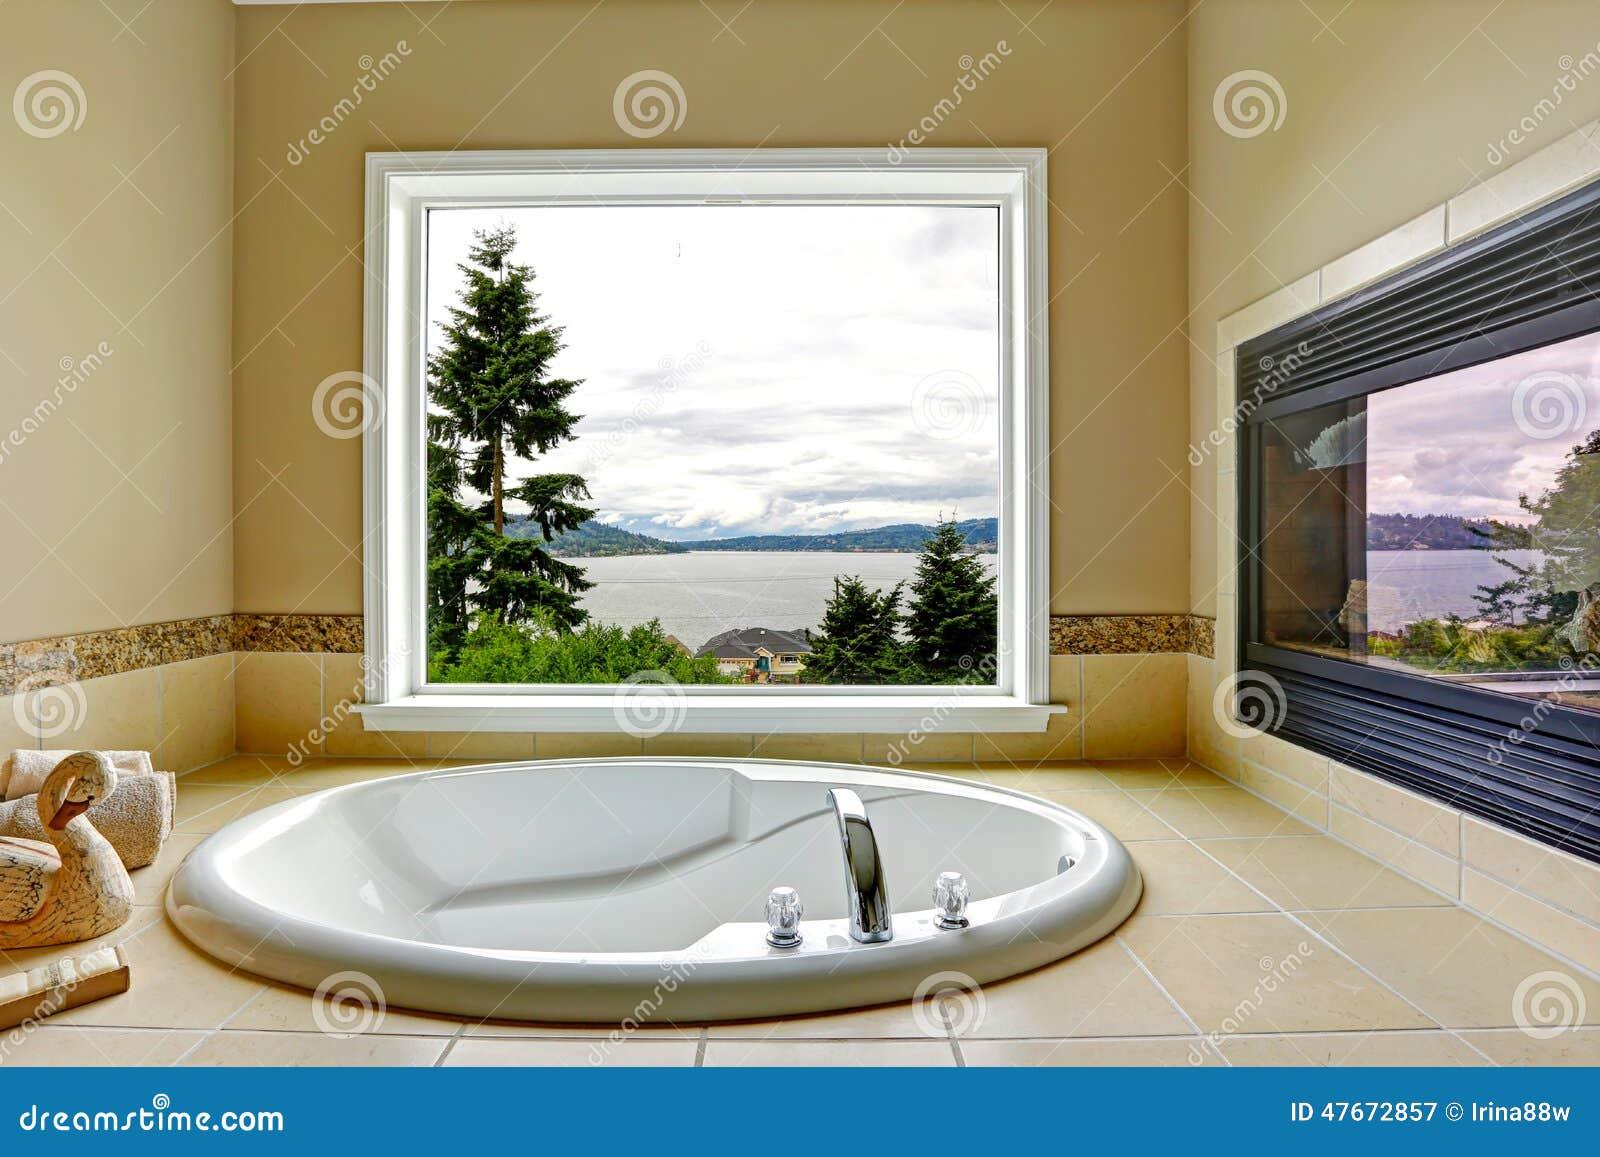 Salle De Bain Avec Vue ~ salle de bains de luxe avec la vue de chemin e et de baie image